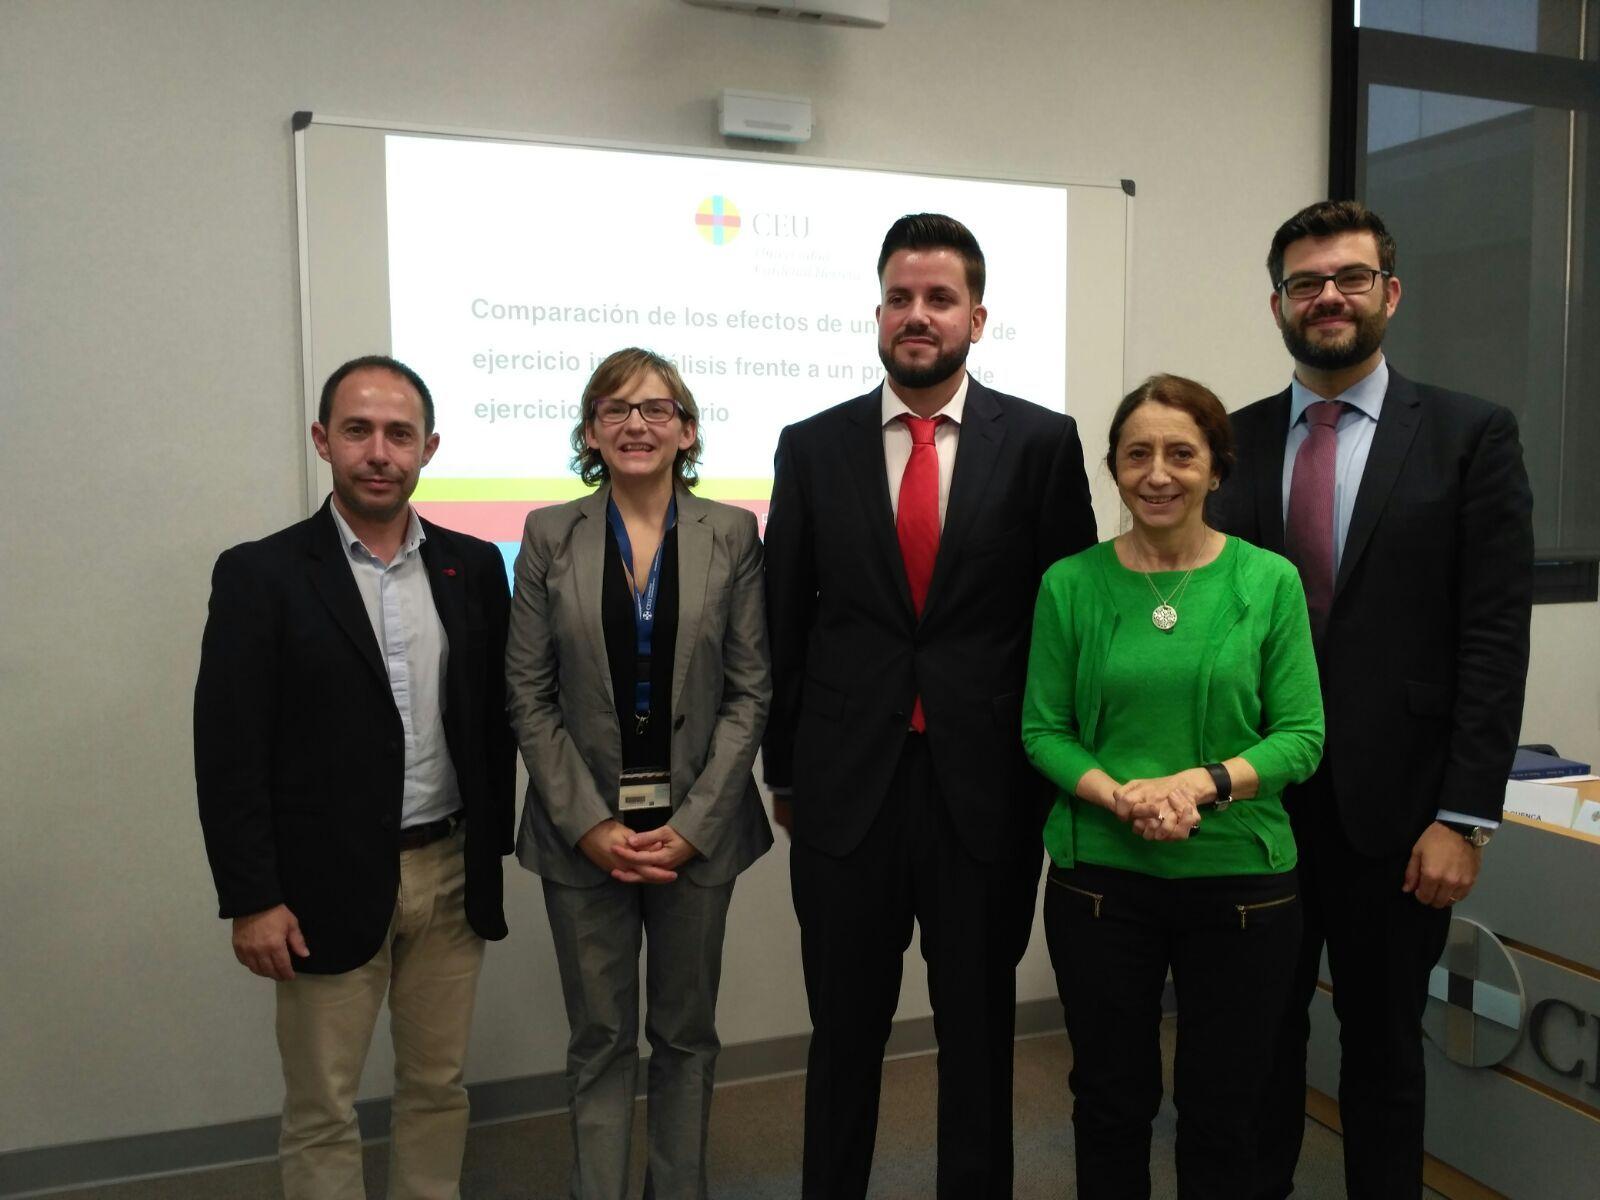 Borja Pérez, en el centro, junto a su directora de tesis, Eva Segura, y los miembros del tribunal.